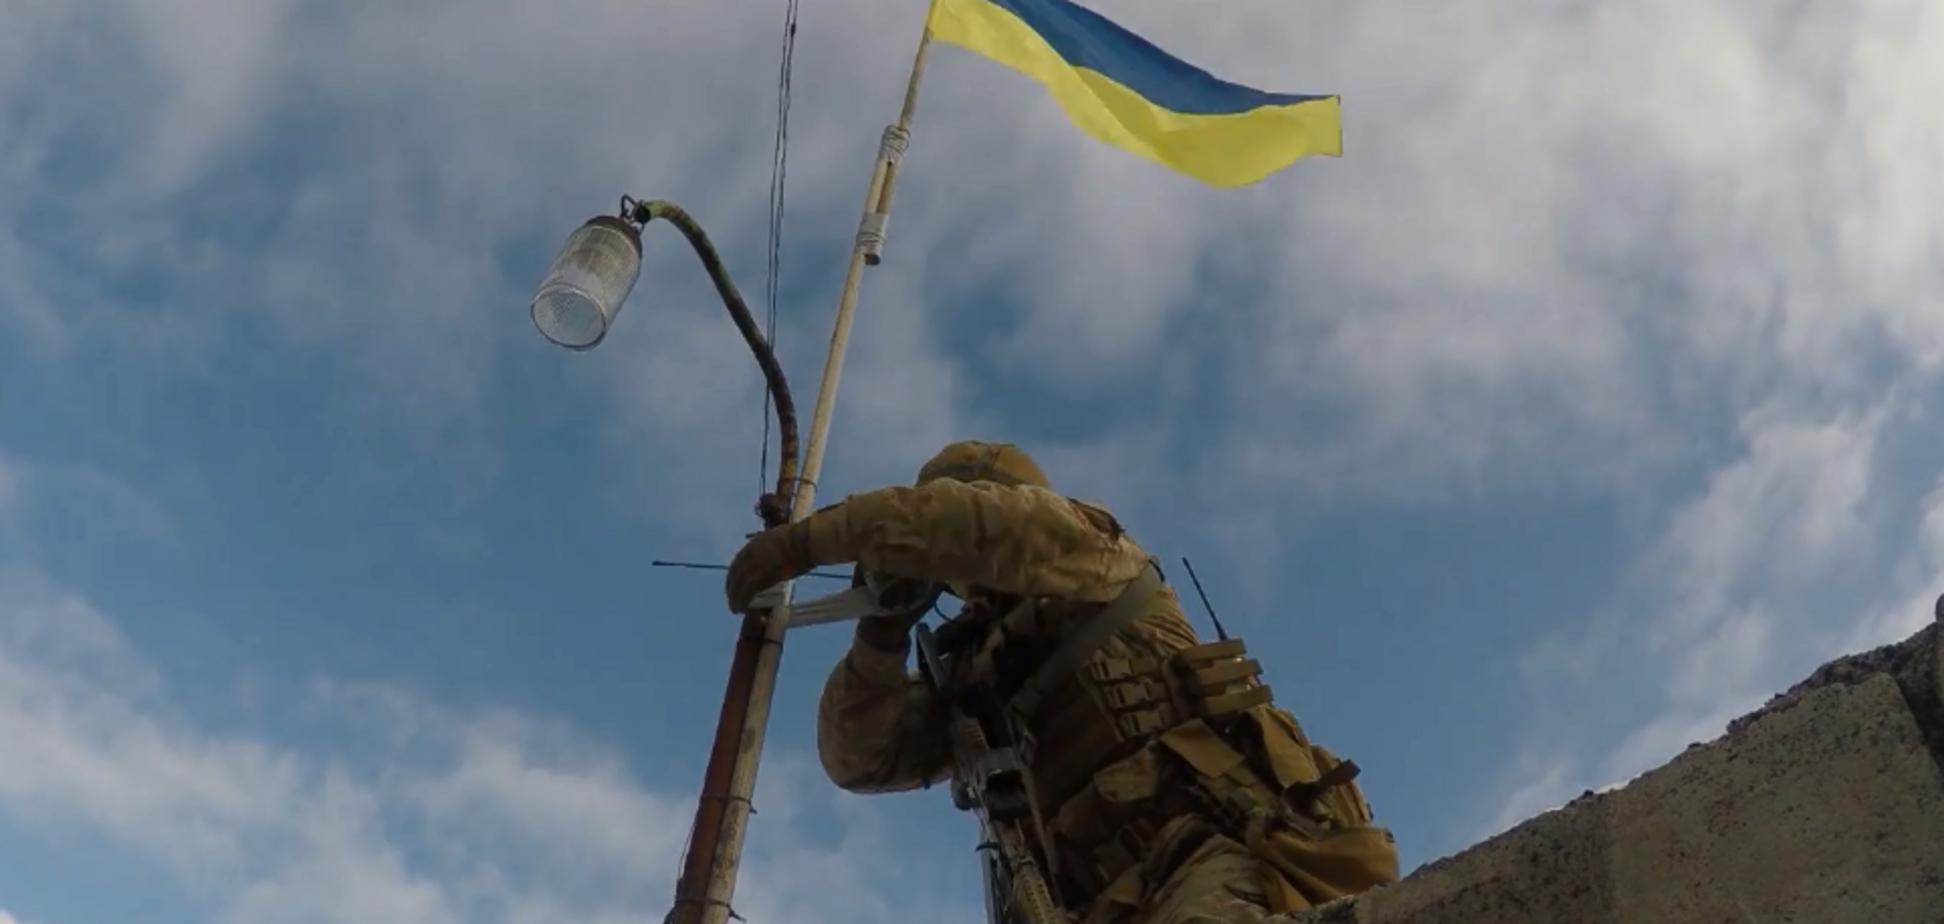 Як ЗСУ звільняли нові землі на Донбасі: з'явилося відео